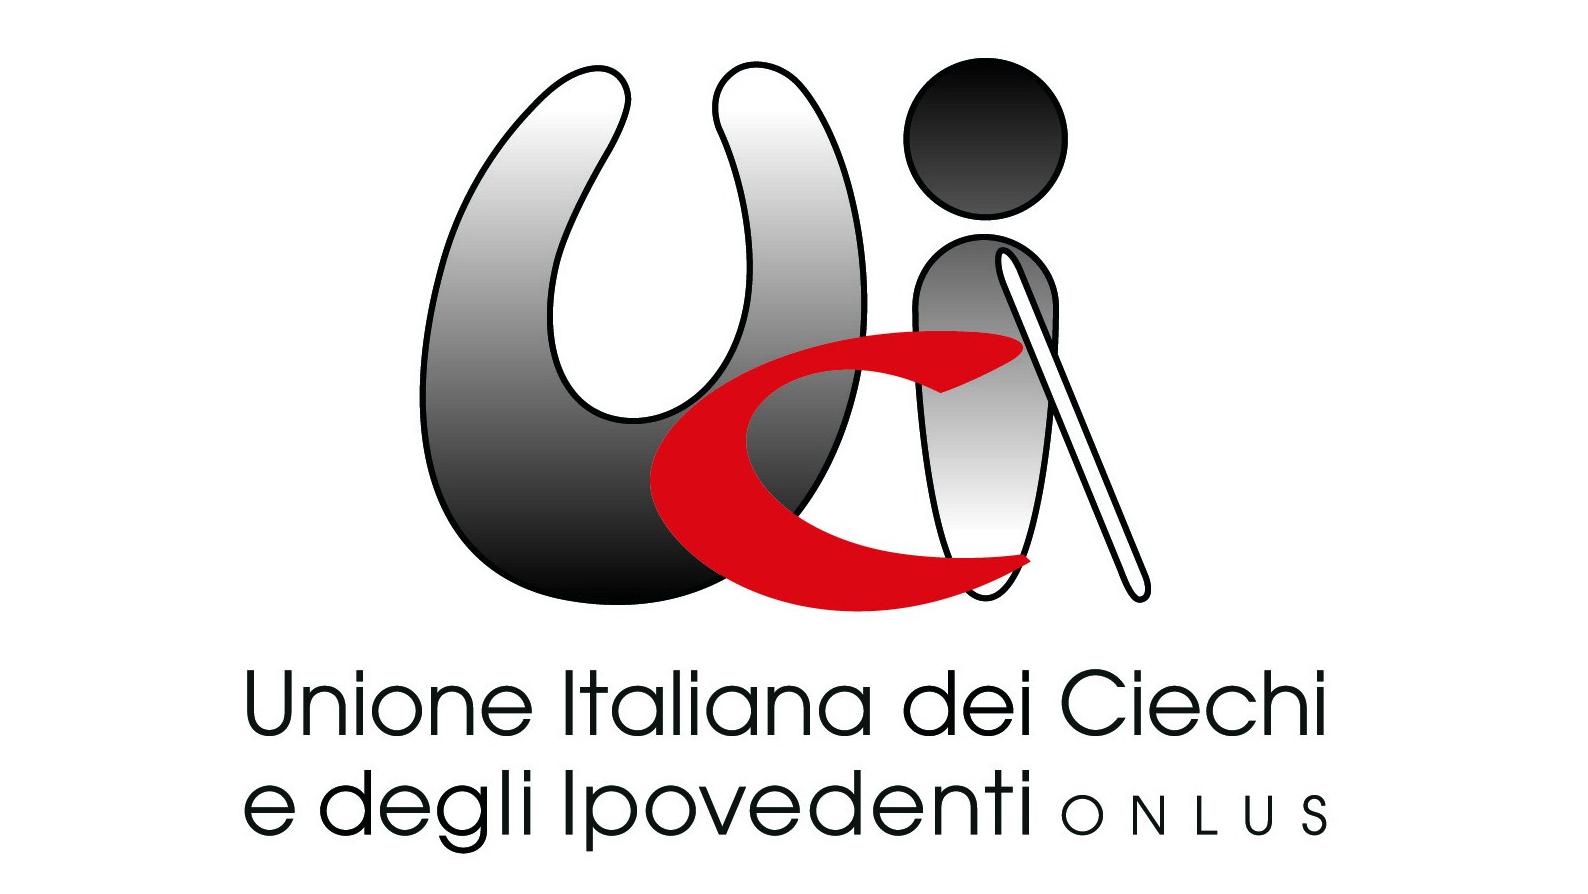 Unione Italiana Ciechi Ipovedenti